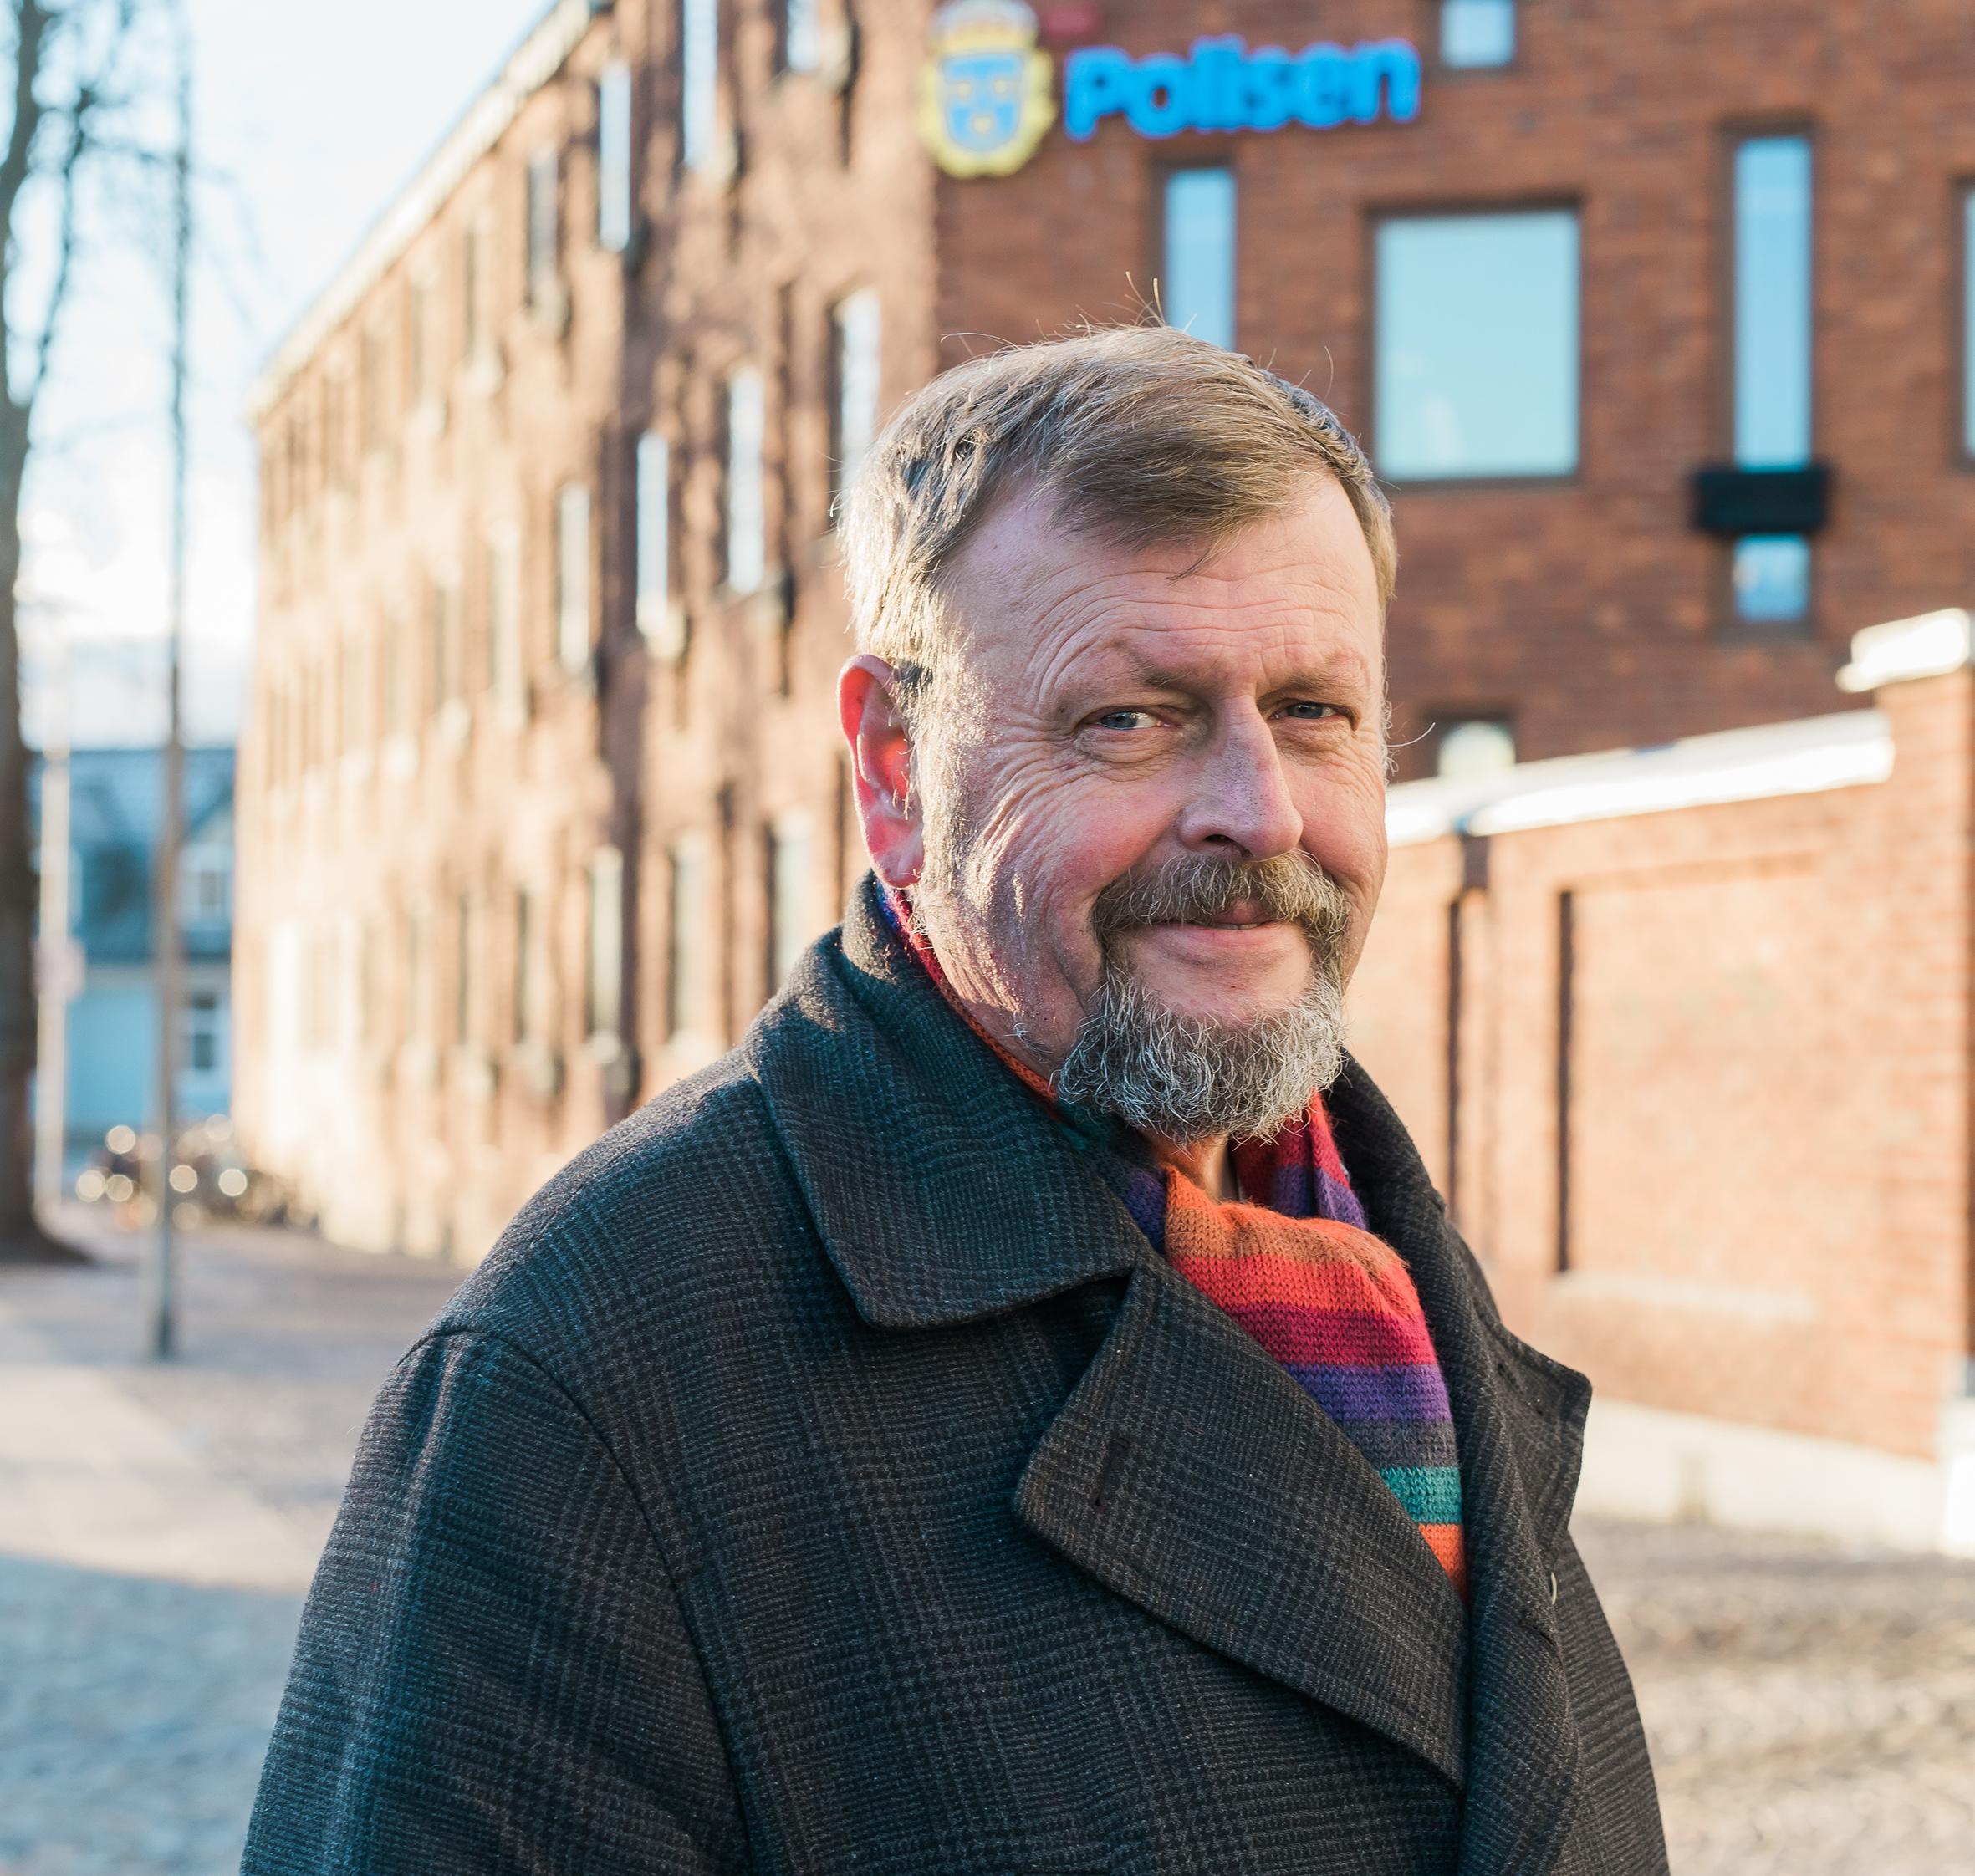 Leif Östberg har en hörselnedsättning, efter många år i polisyrket. Det tog fyra års kamp mot Försäkringskassan innan han fick rätt.